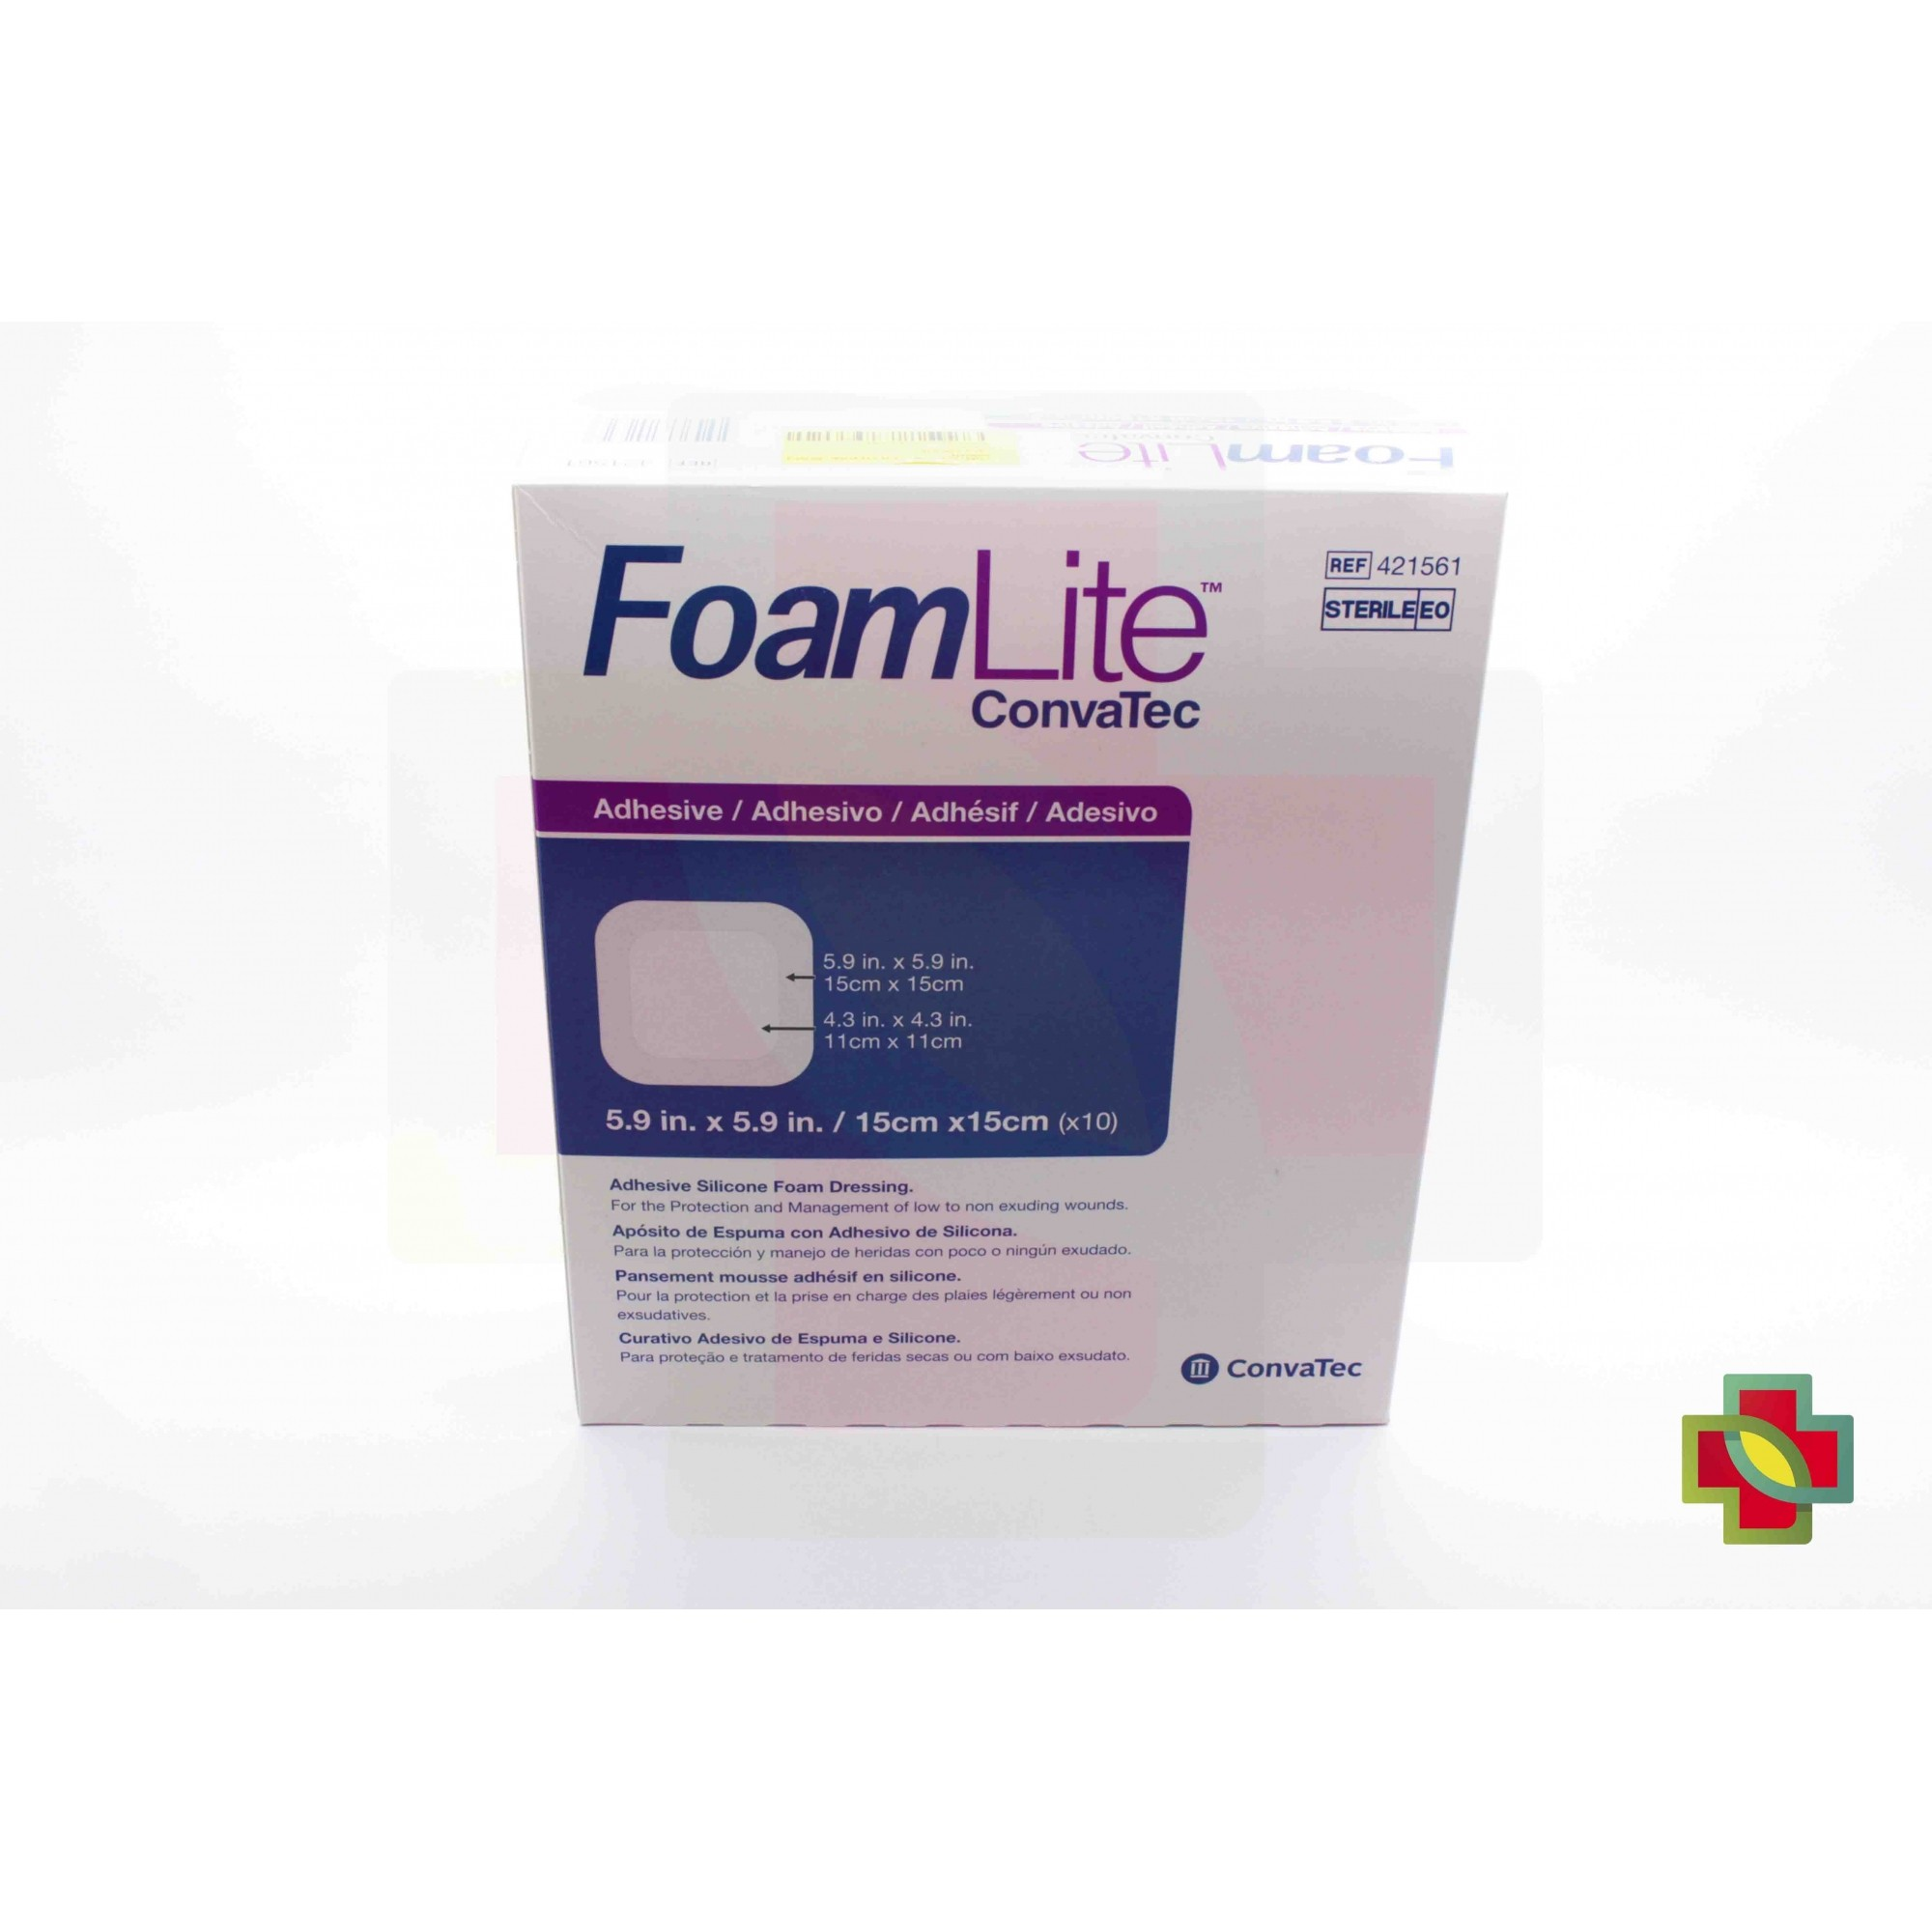 CURATIVO FOAM LITE 15 X 15 421561 / BR10419 CONVATEC